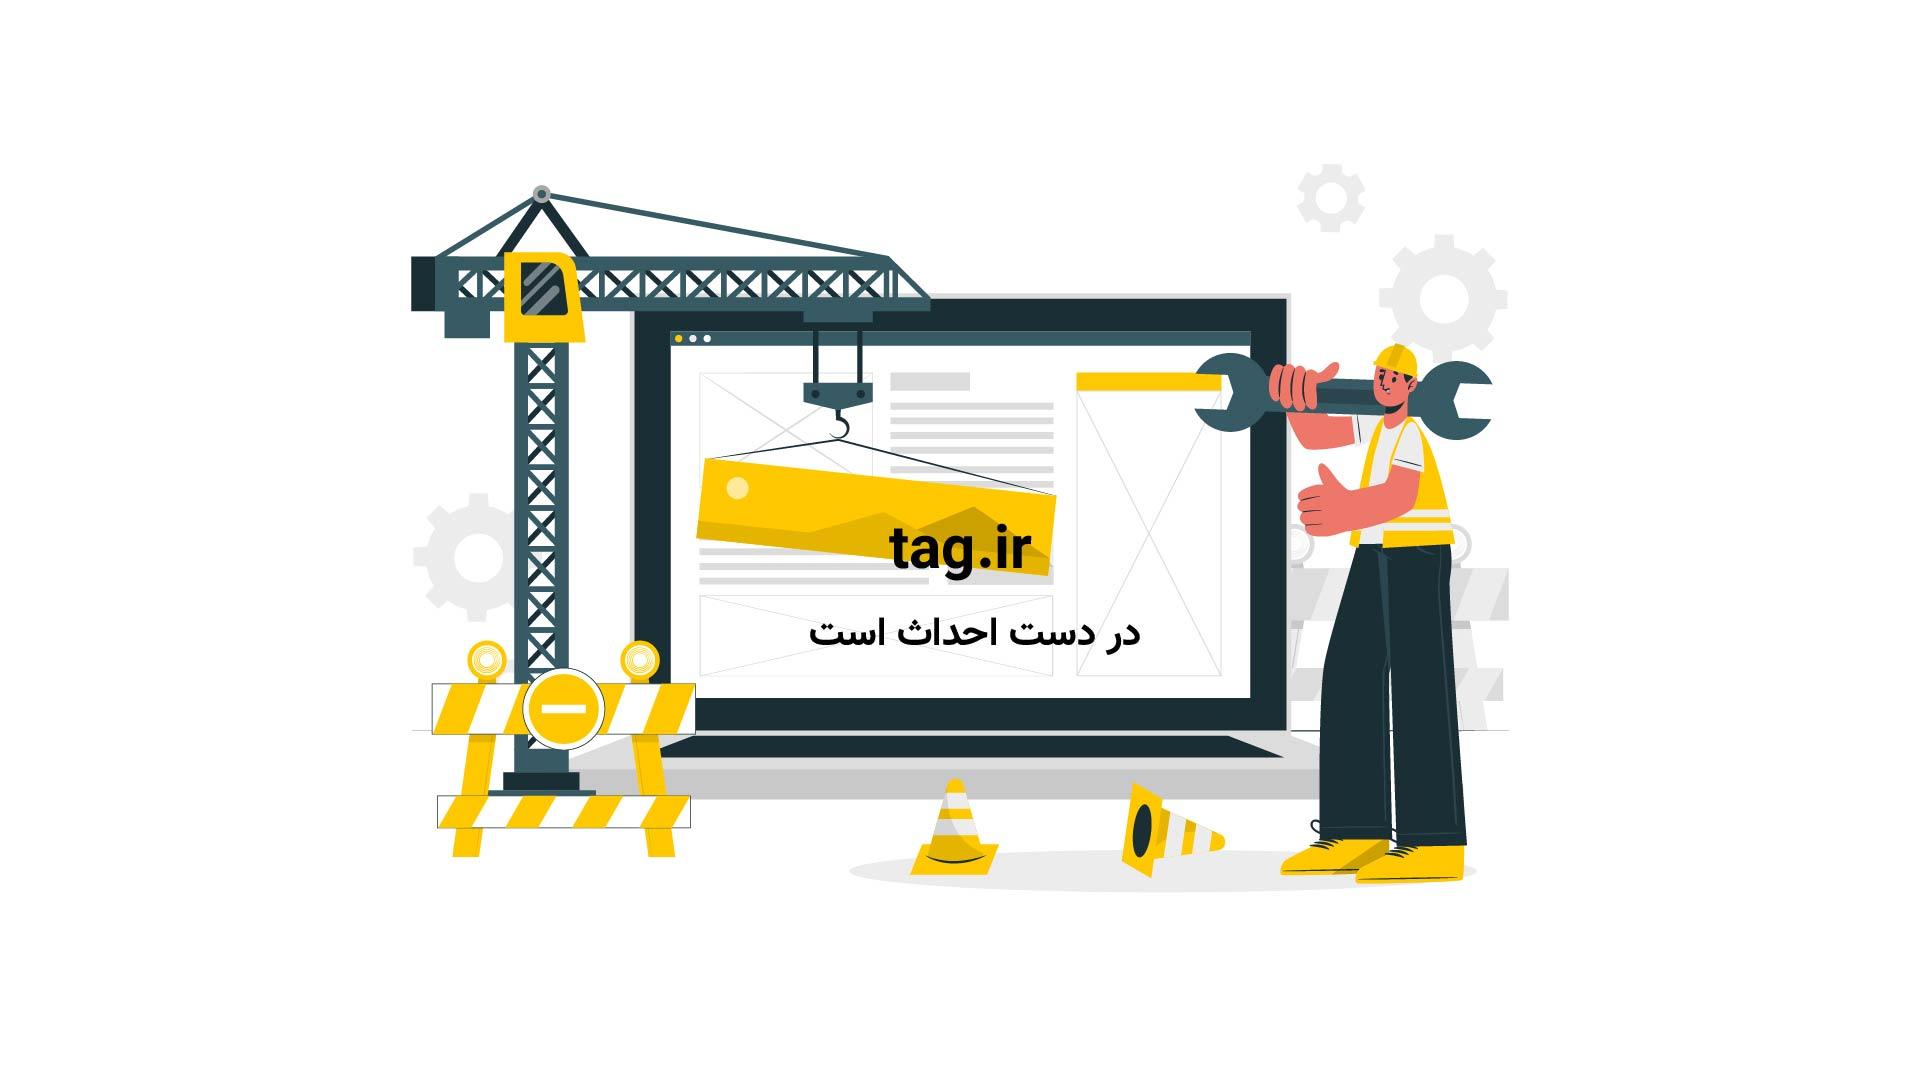 حمله شیر به گورخر   تگ